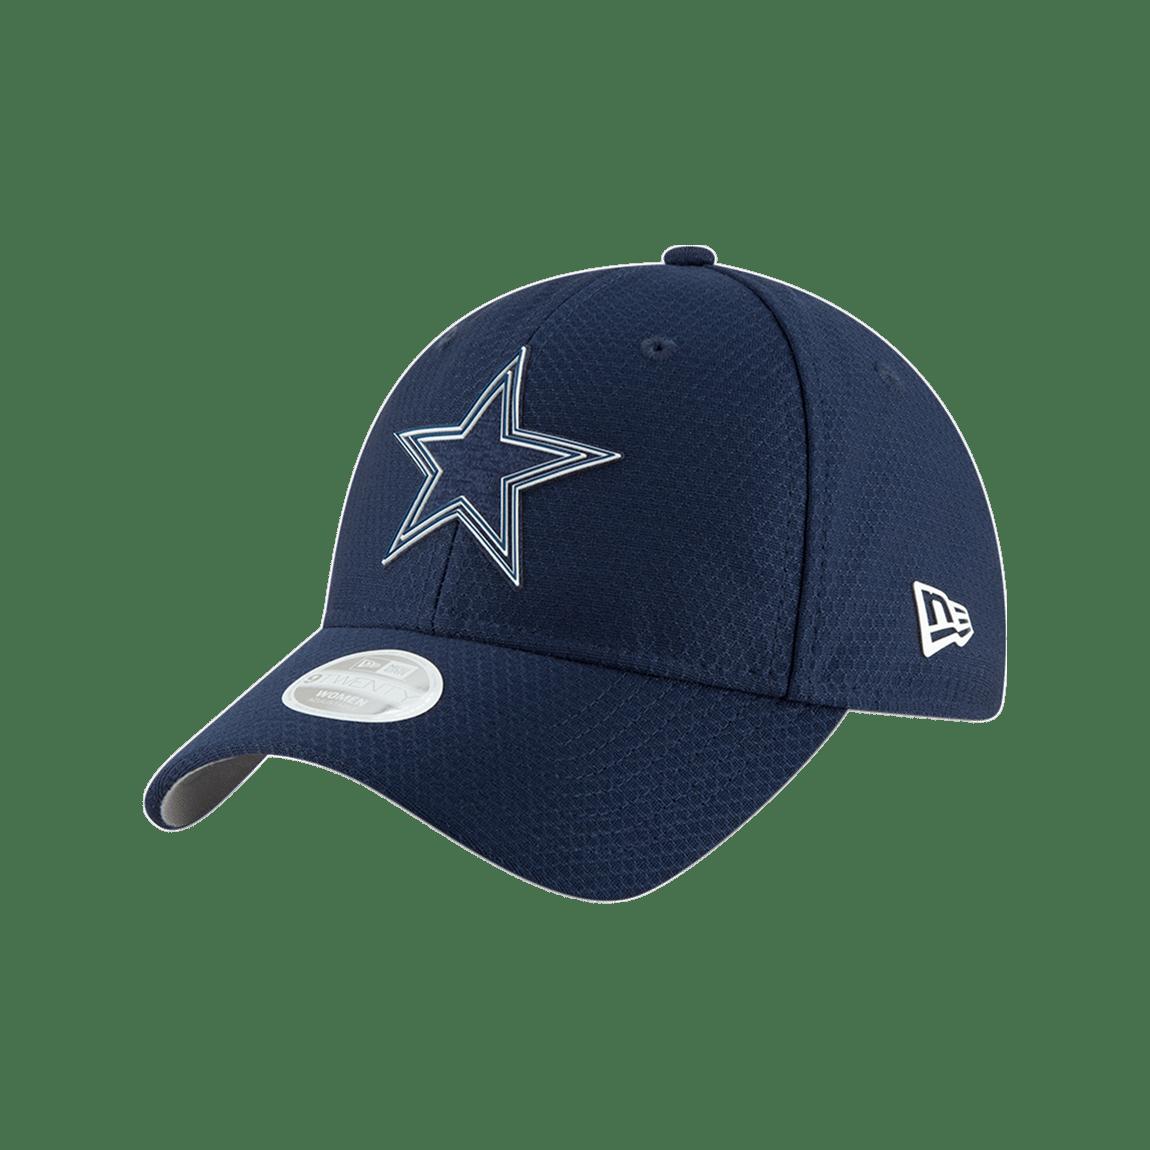 4d2e89f6ec52d Gorra New Era NFL 9TWENTY Dallas Cowboys - martimx